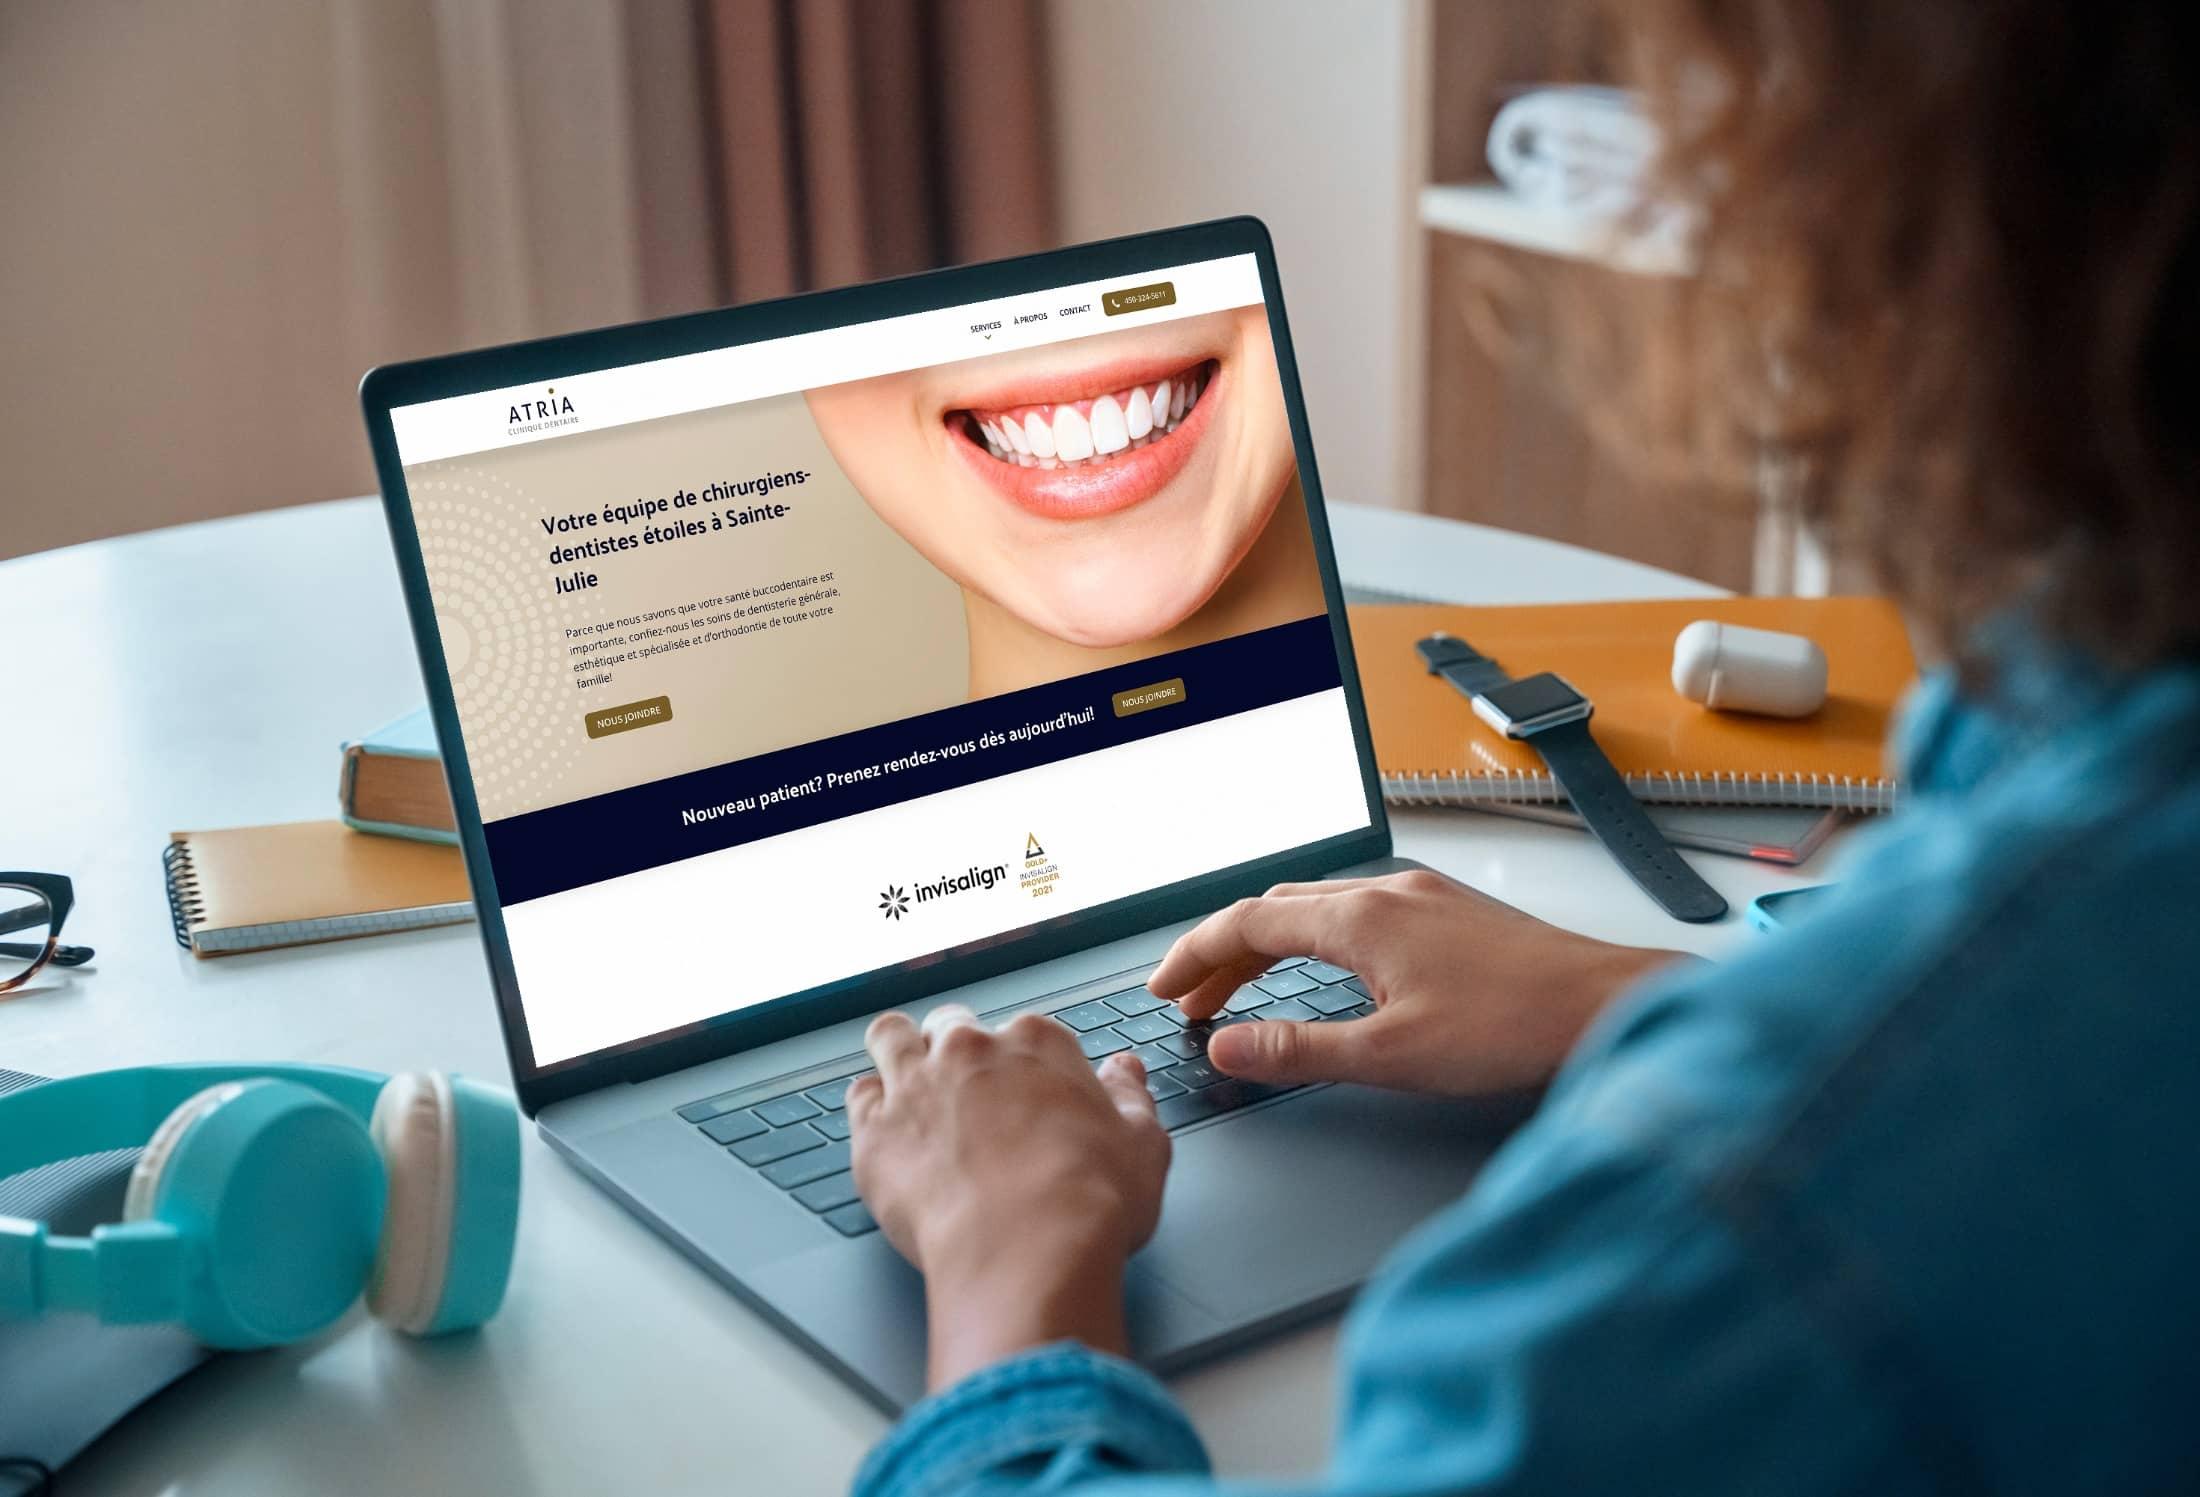 Atria Clinique Dentaire